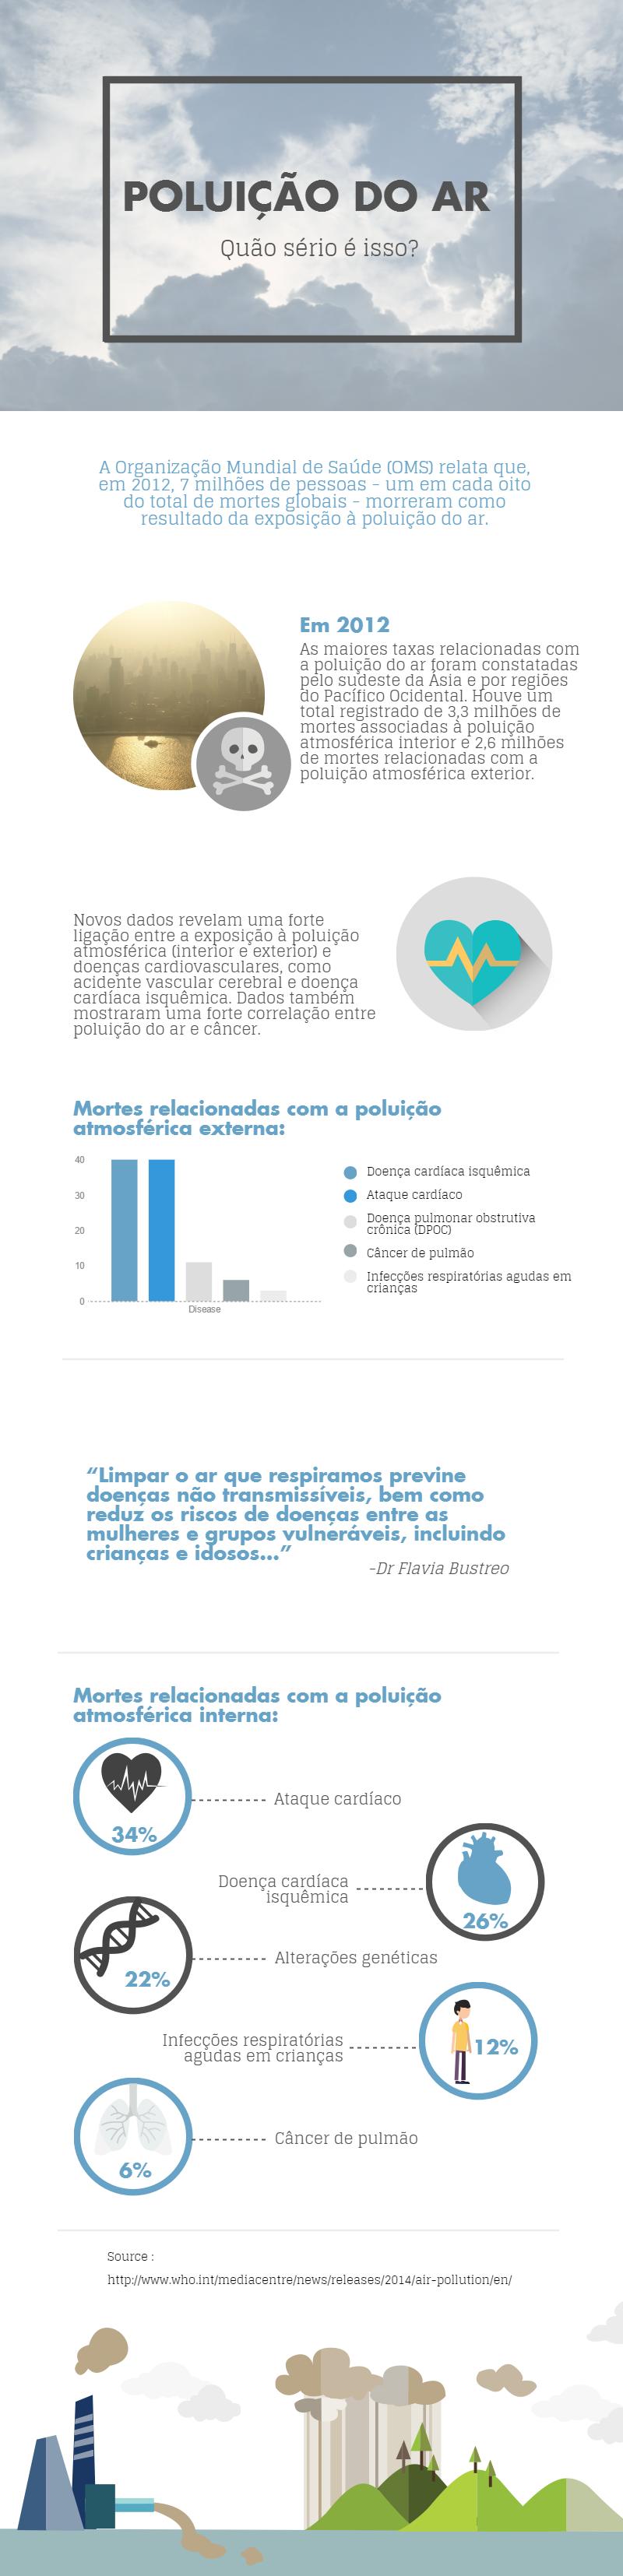 DOUTISSIMA - Poluição do Ar - infográfico